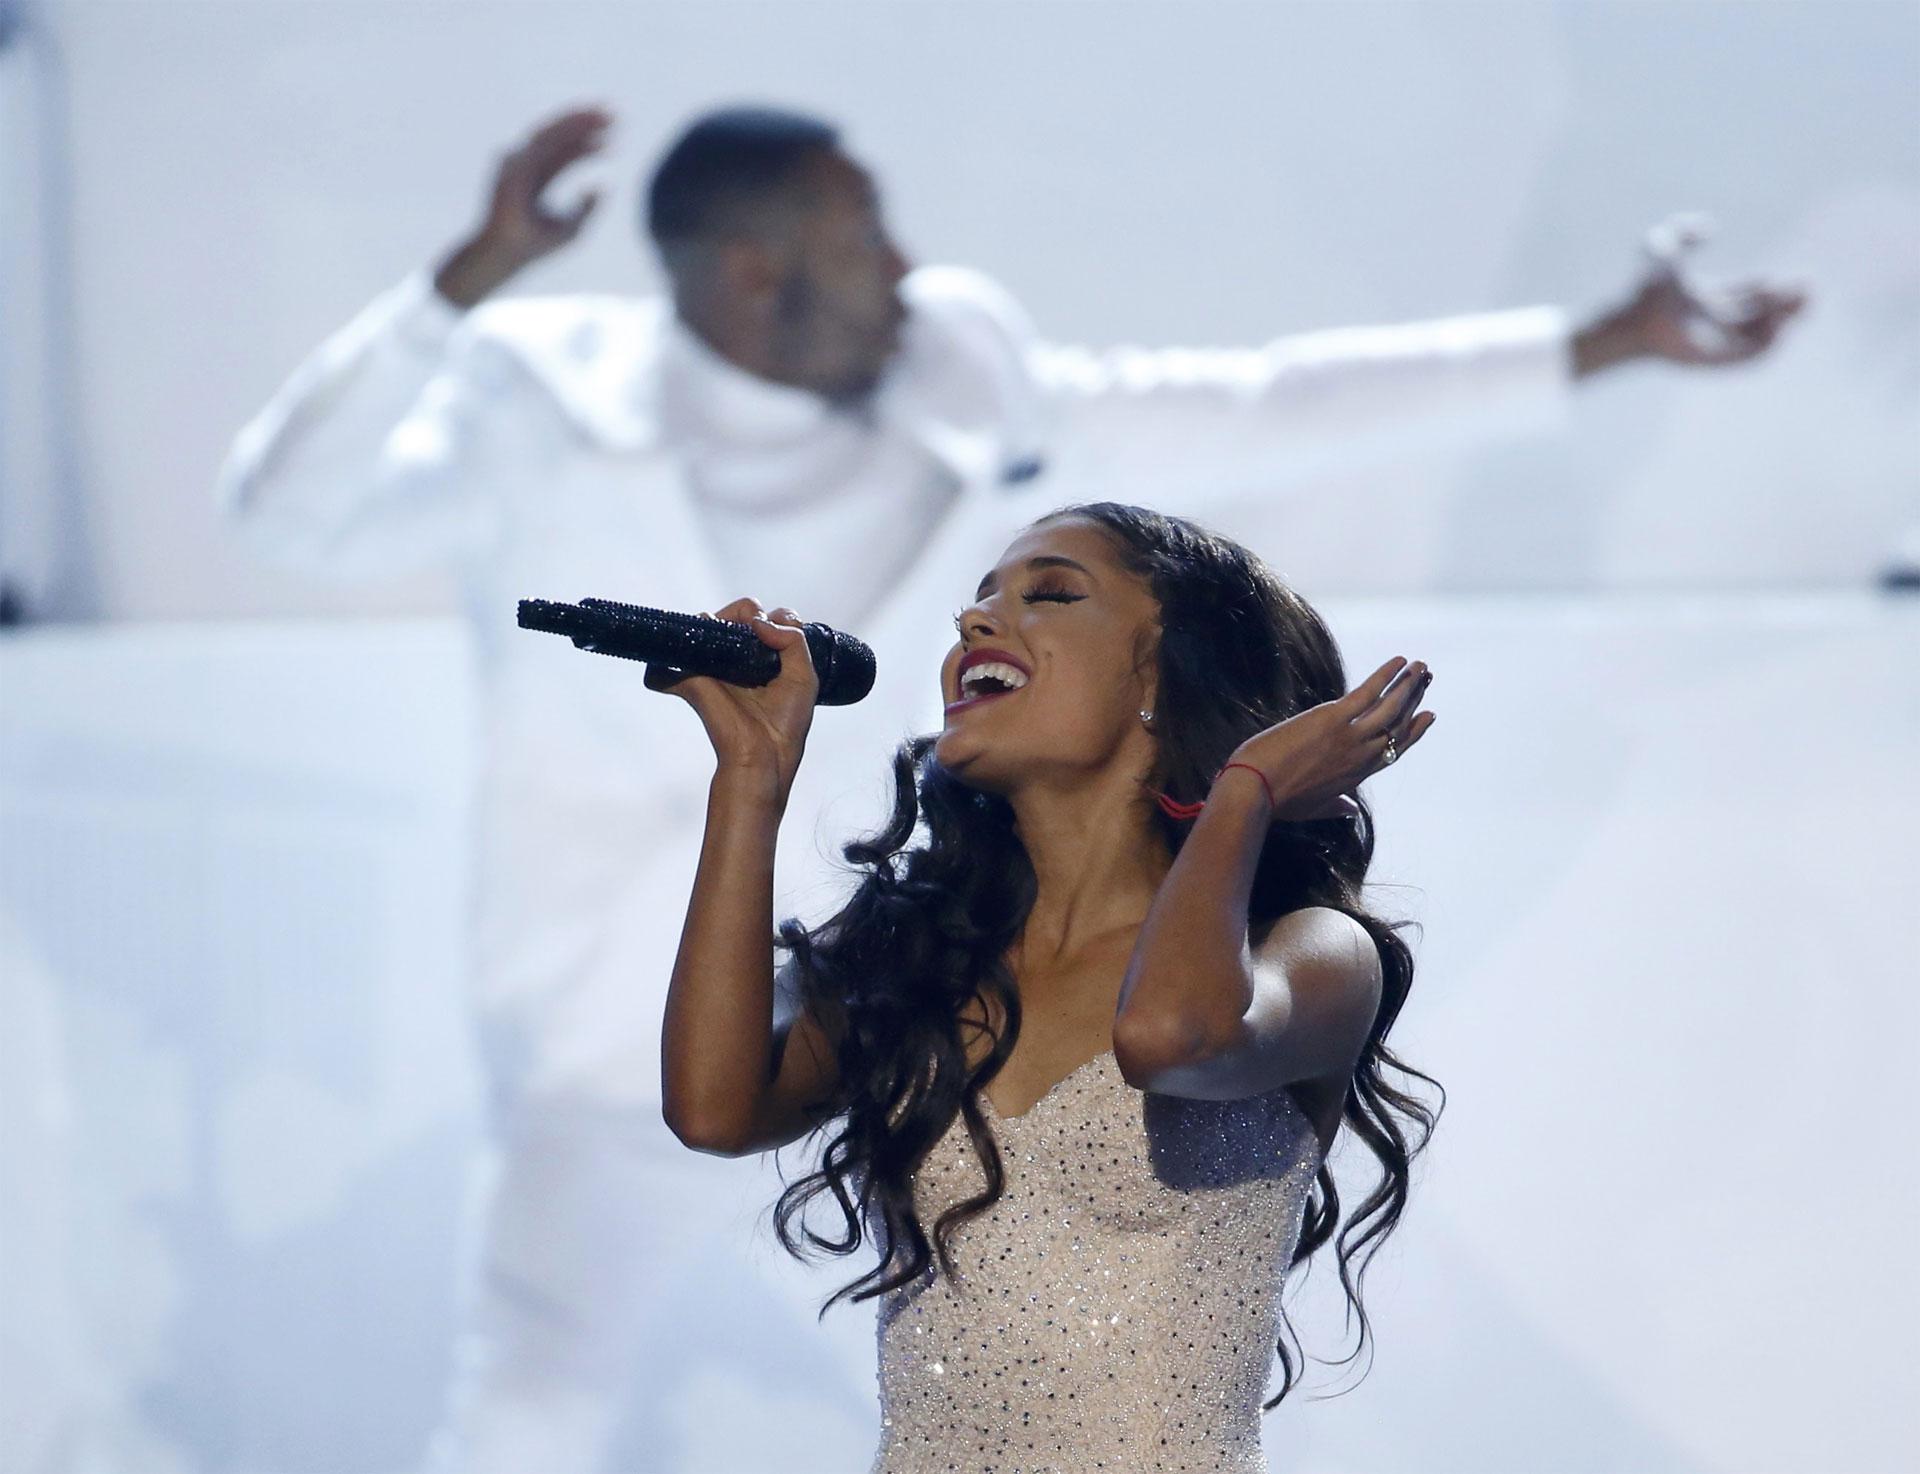 La cantante lanzó un estreno de pocos segundos de las canciones del nuevo álbum navideño que se estrenará la próxima semana